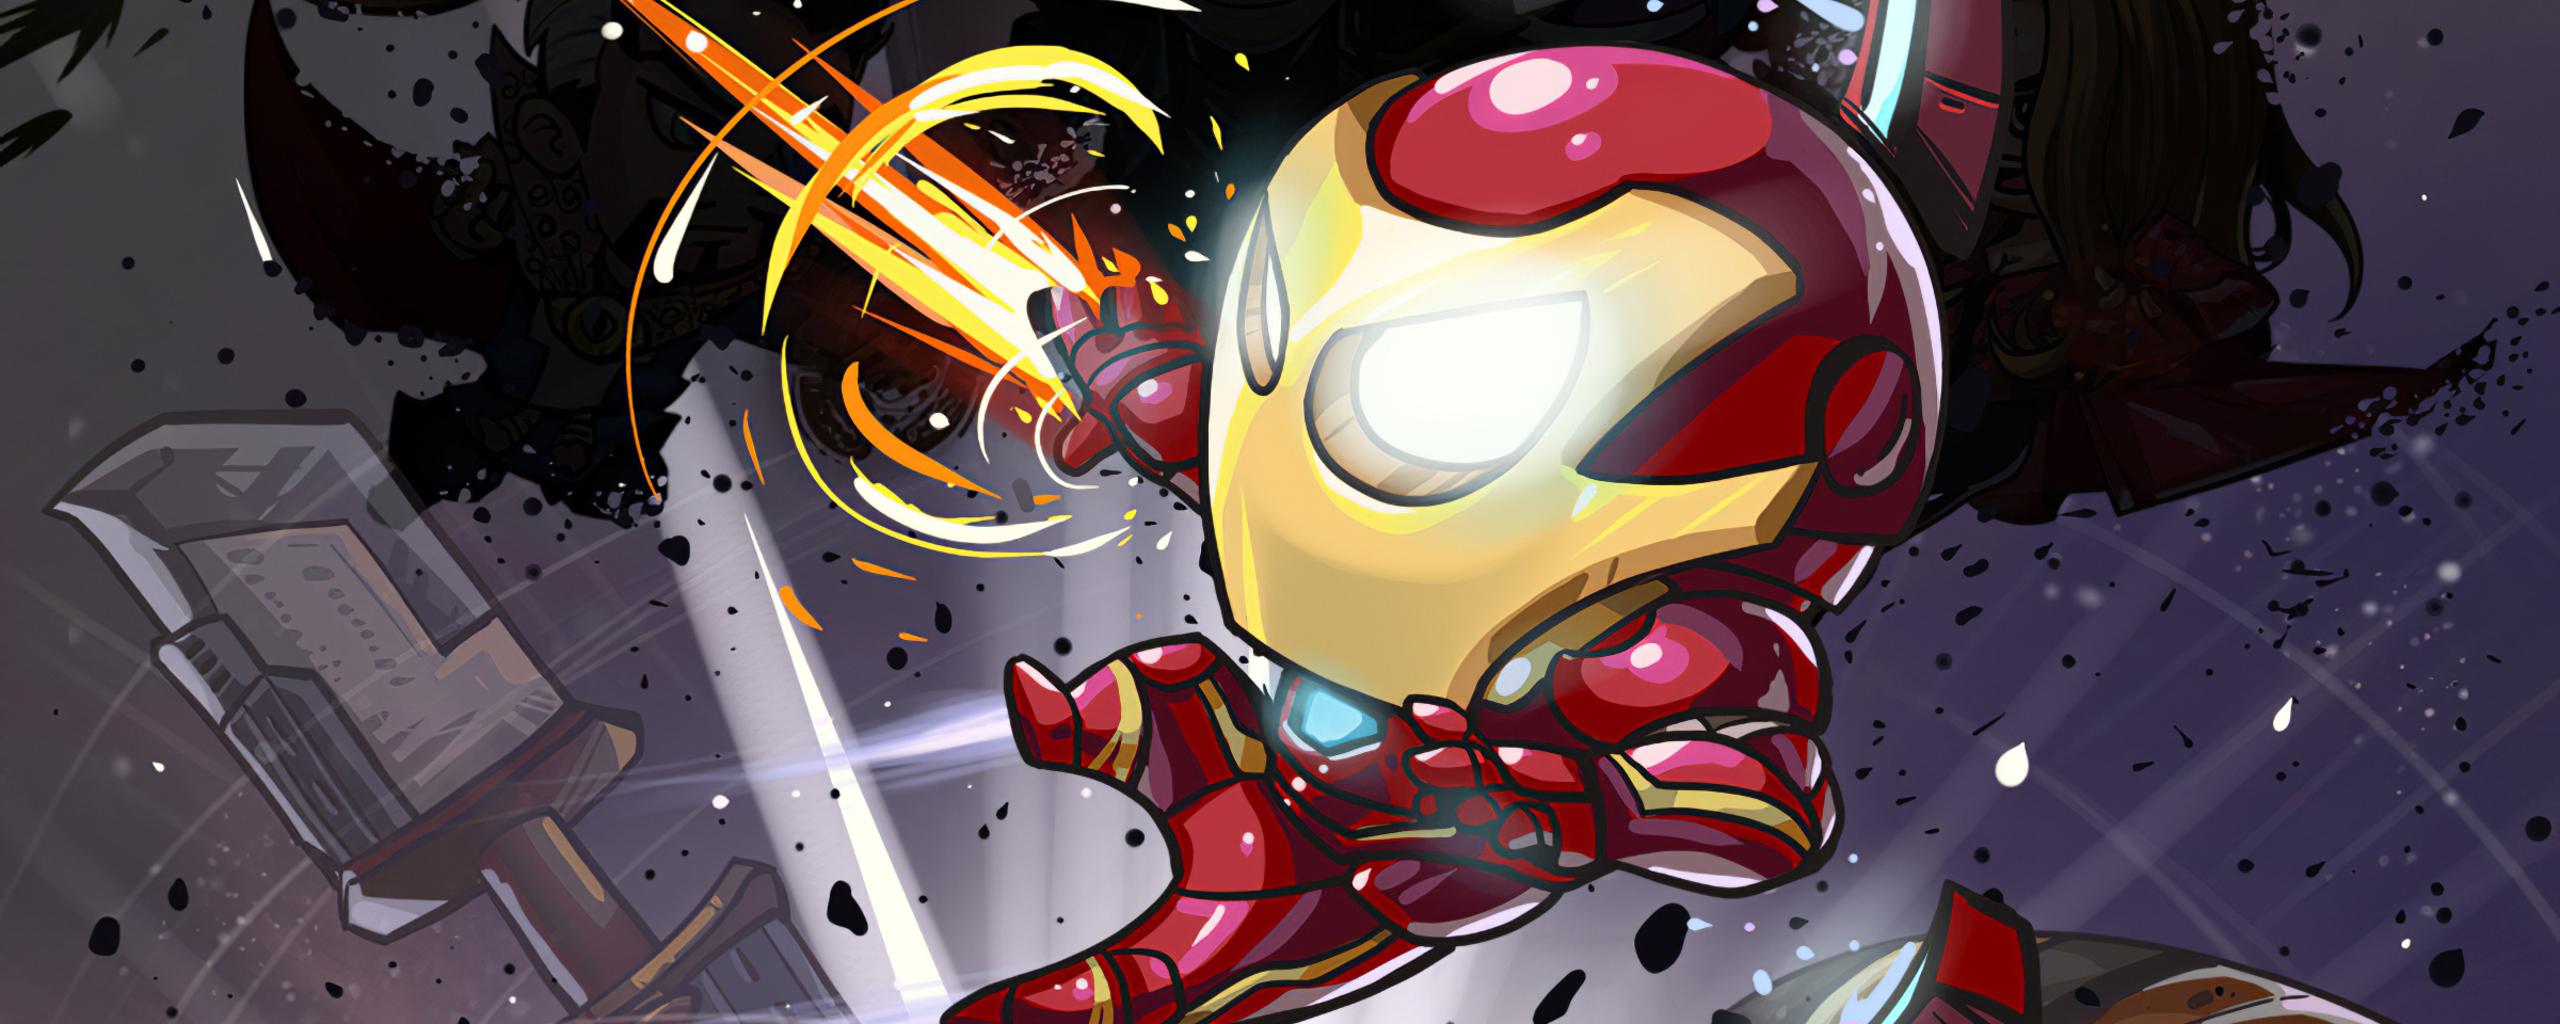 iron-man-little-art-hh.jpg